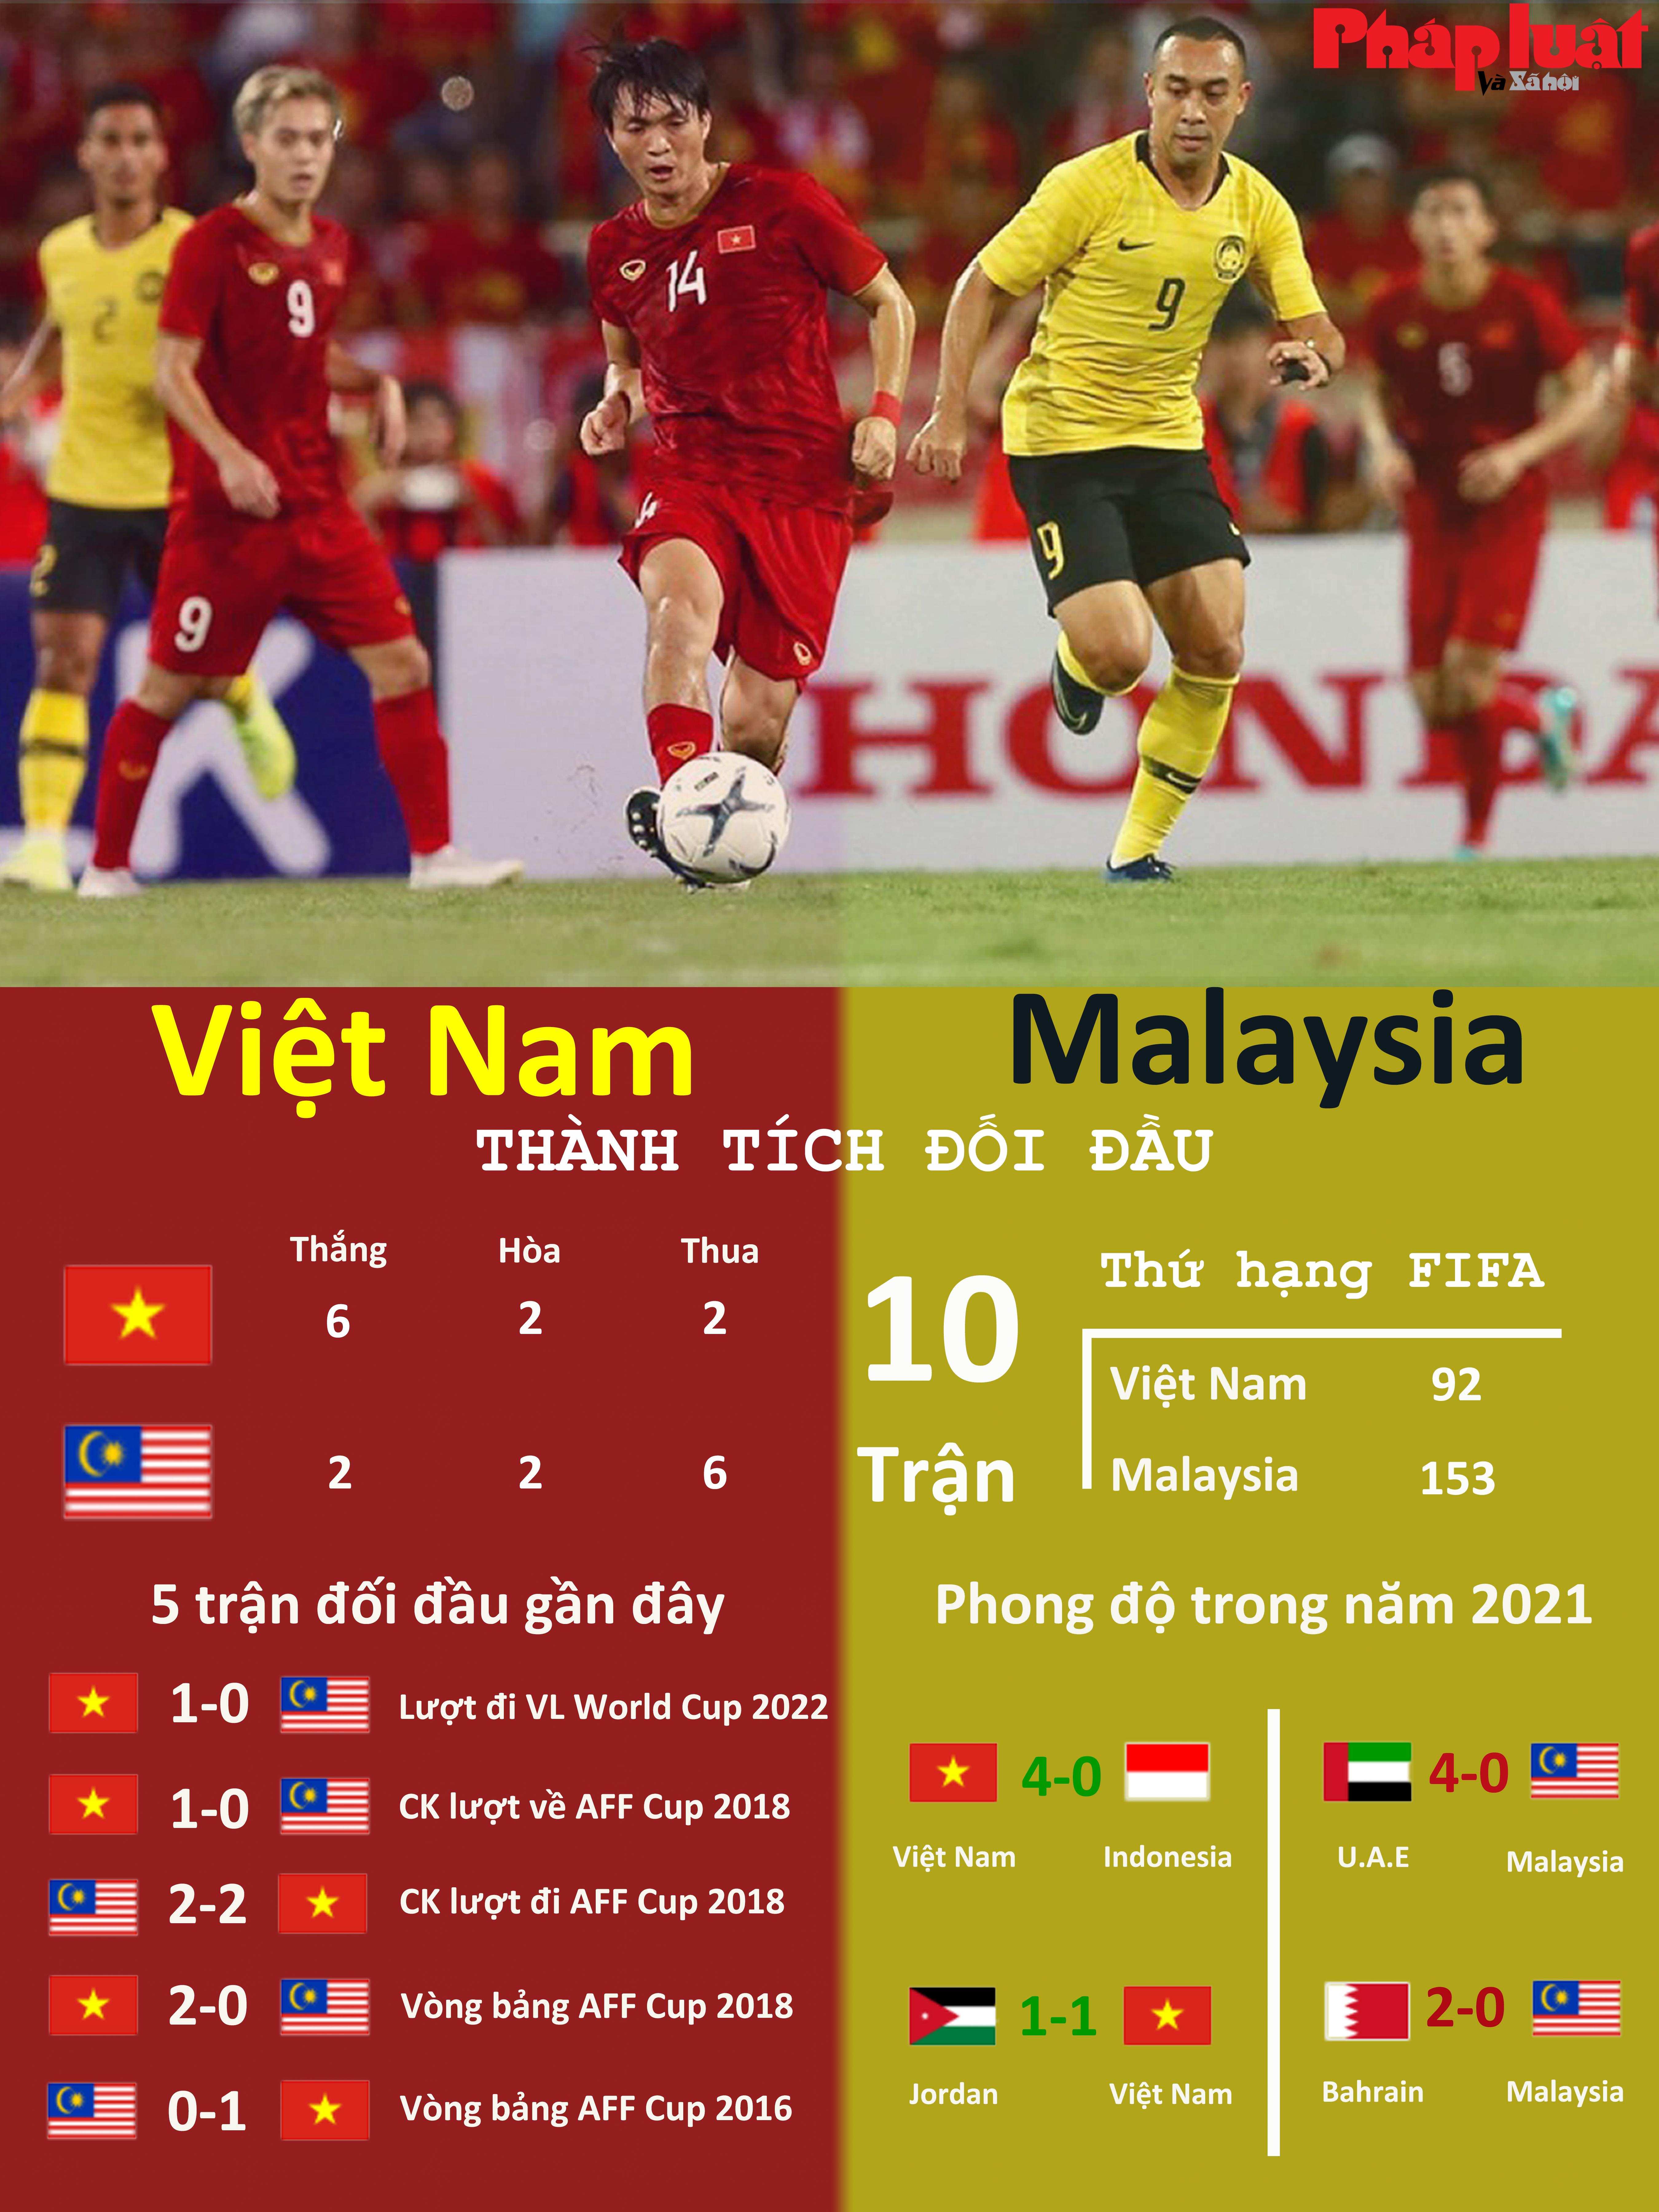 Lịch sử đối đầu giữa Việt Nam và Malaysia